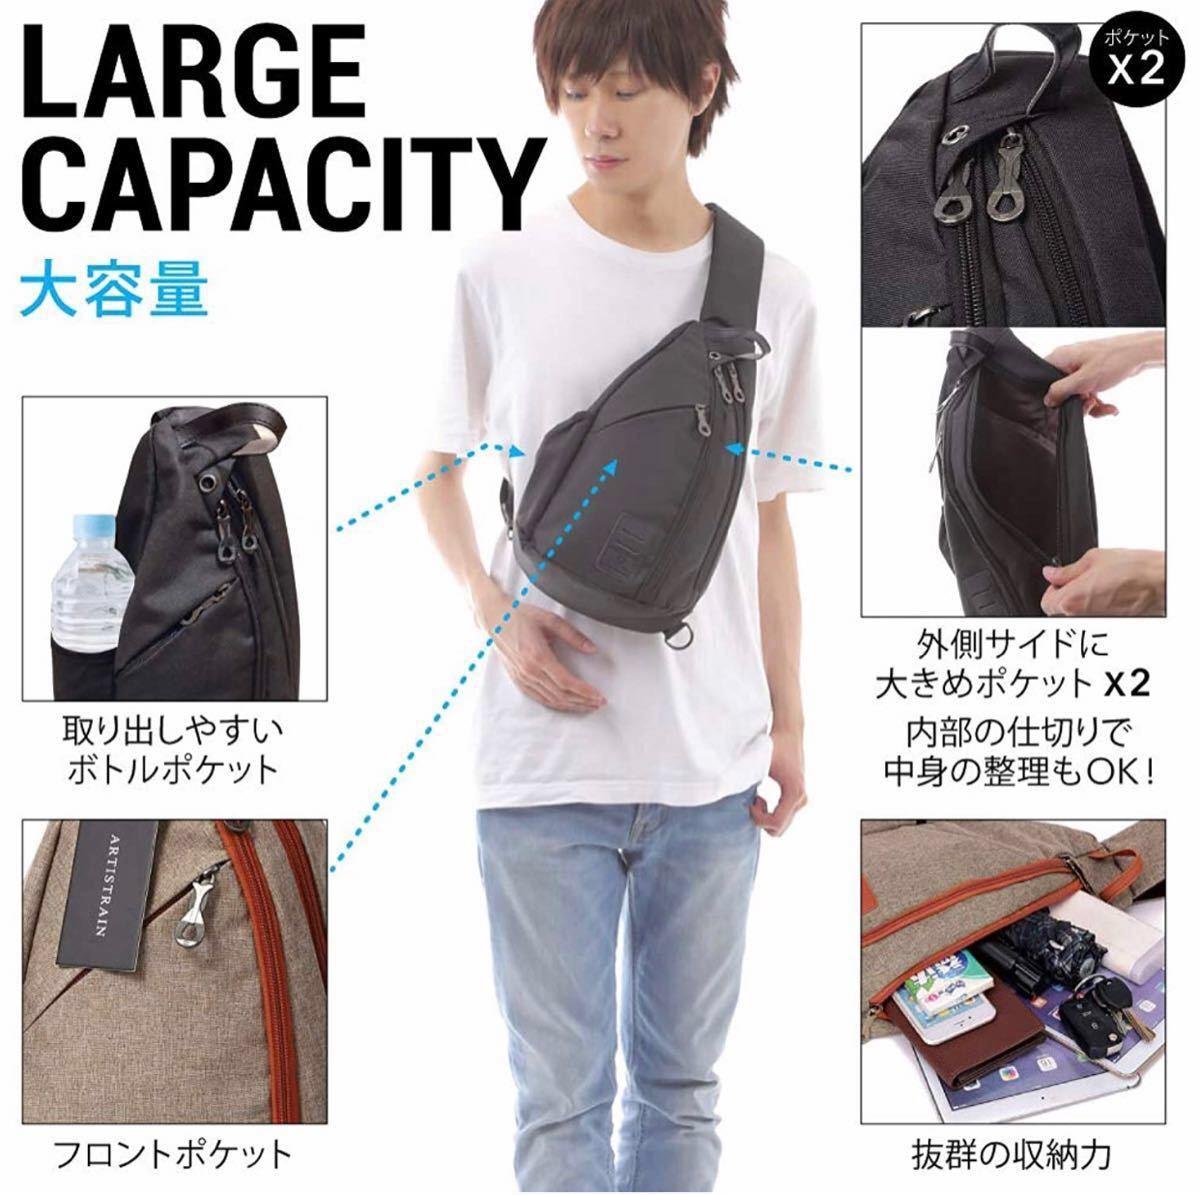 ボディバッグ メンズ ショルダーバッグ メンズ ワンショルダーバッグ 大容量